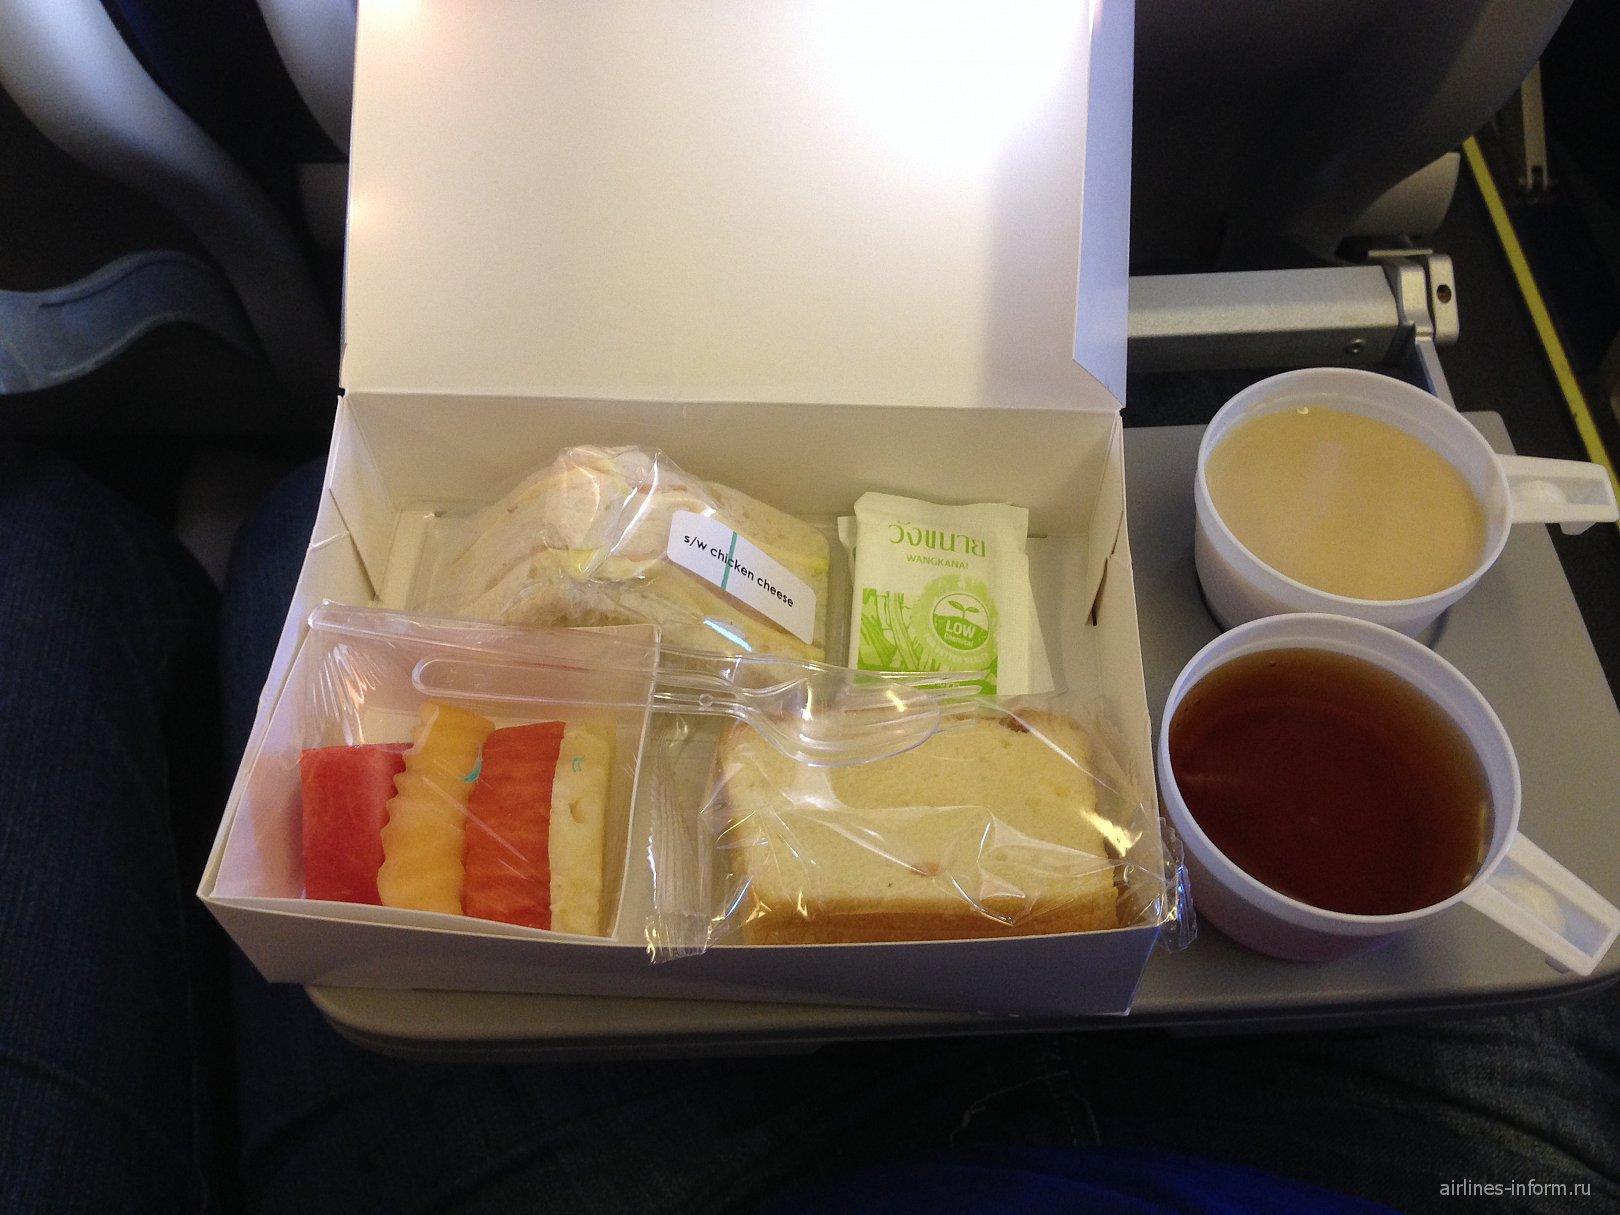 Второе питание (куриный сэндвич) на рейсе Бангкок-Самара авиакомпании ЮТэйр